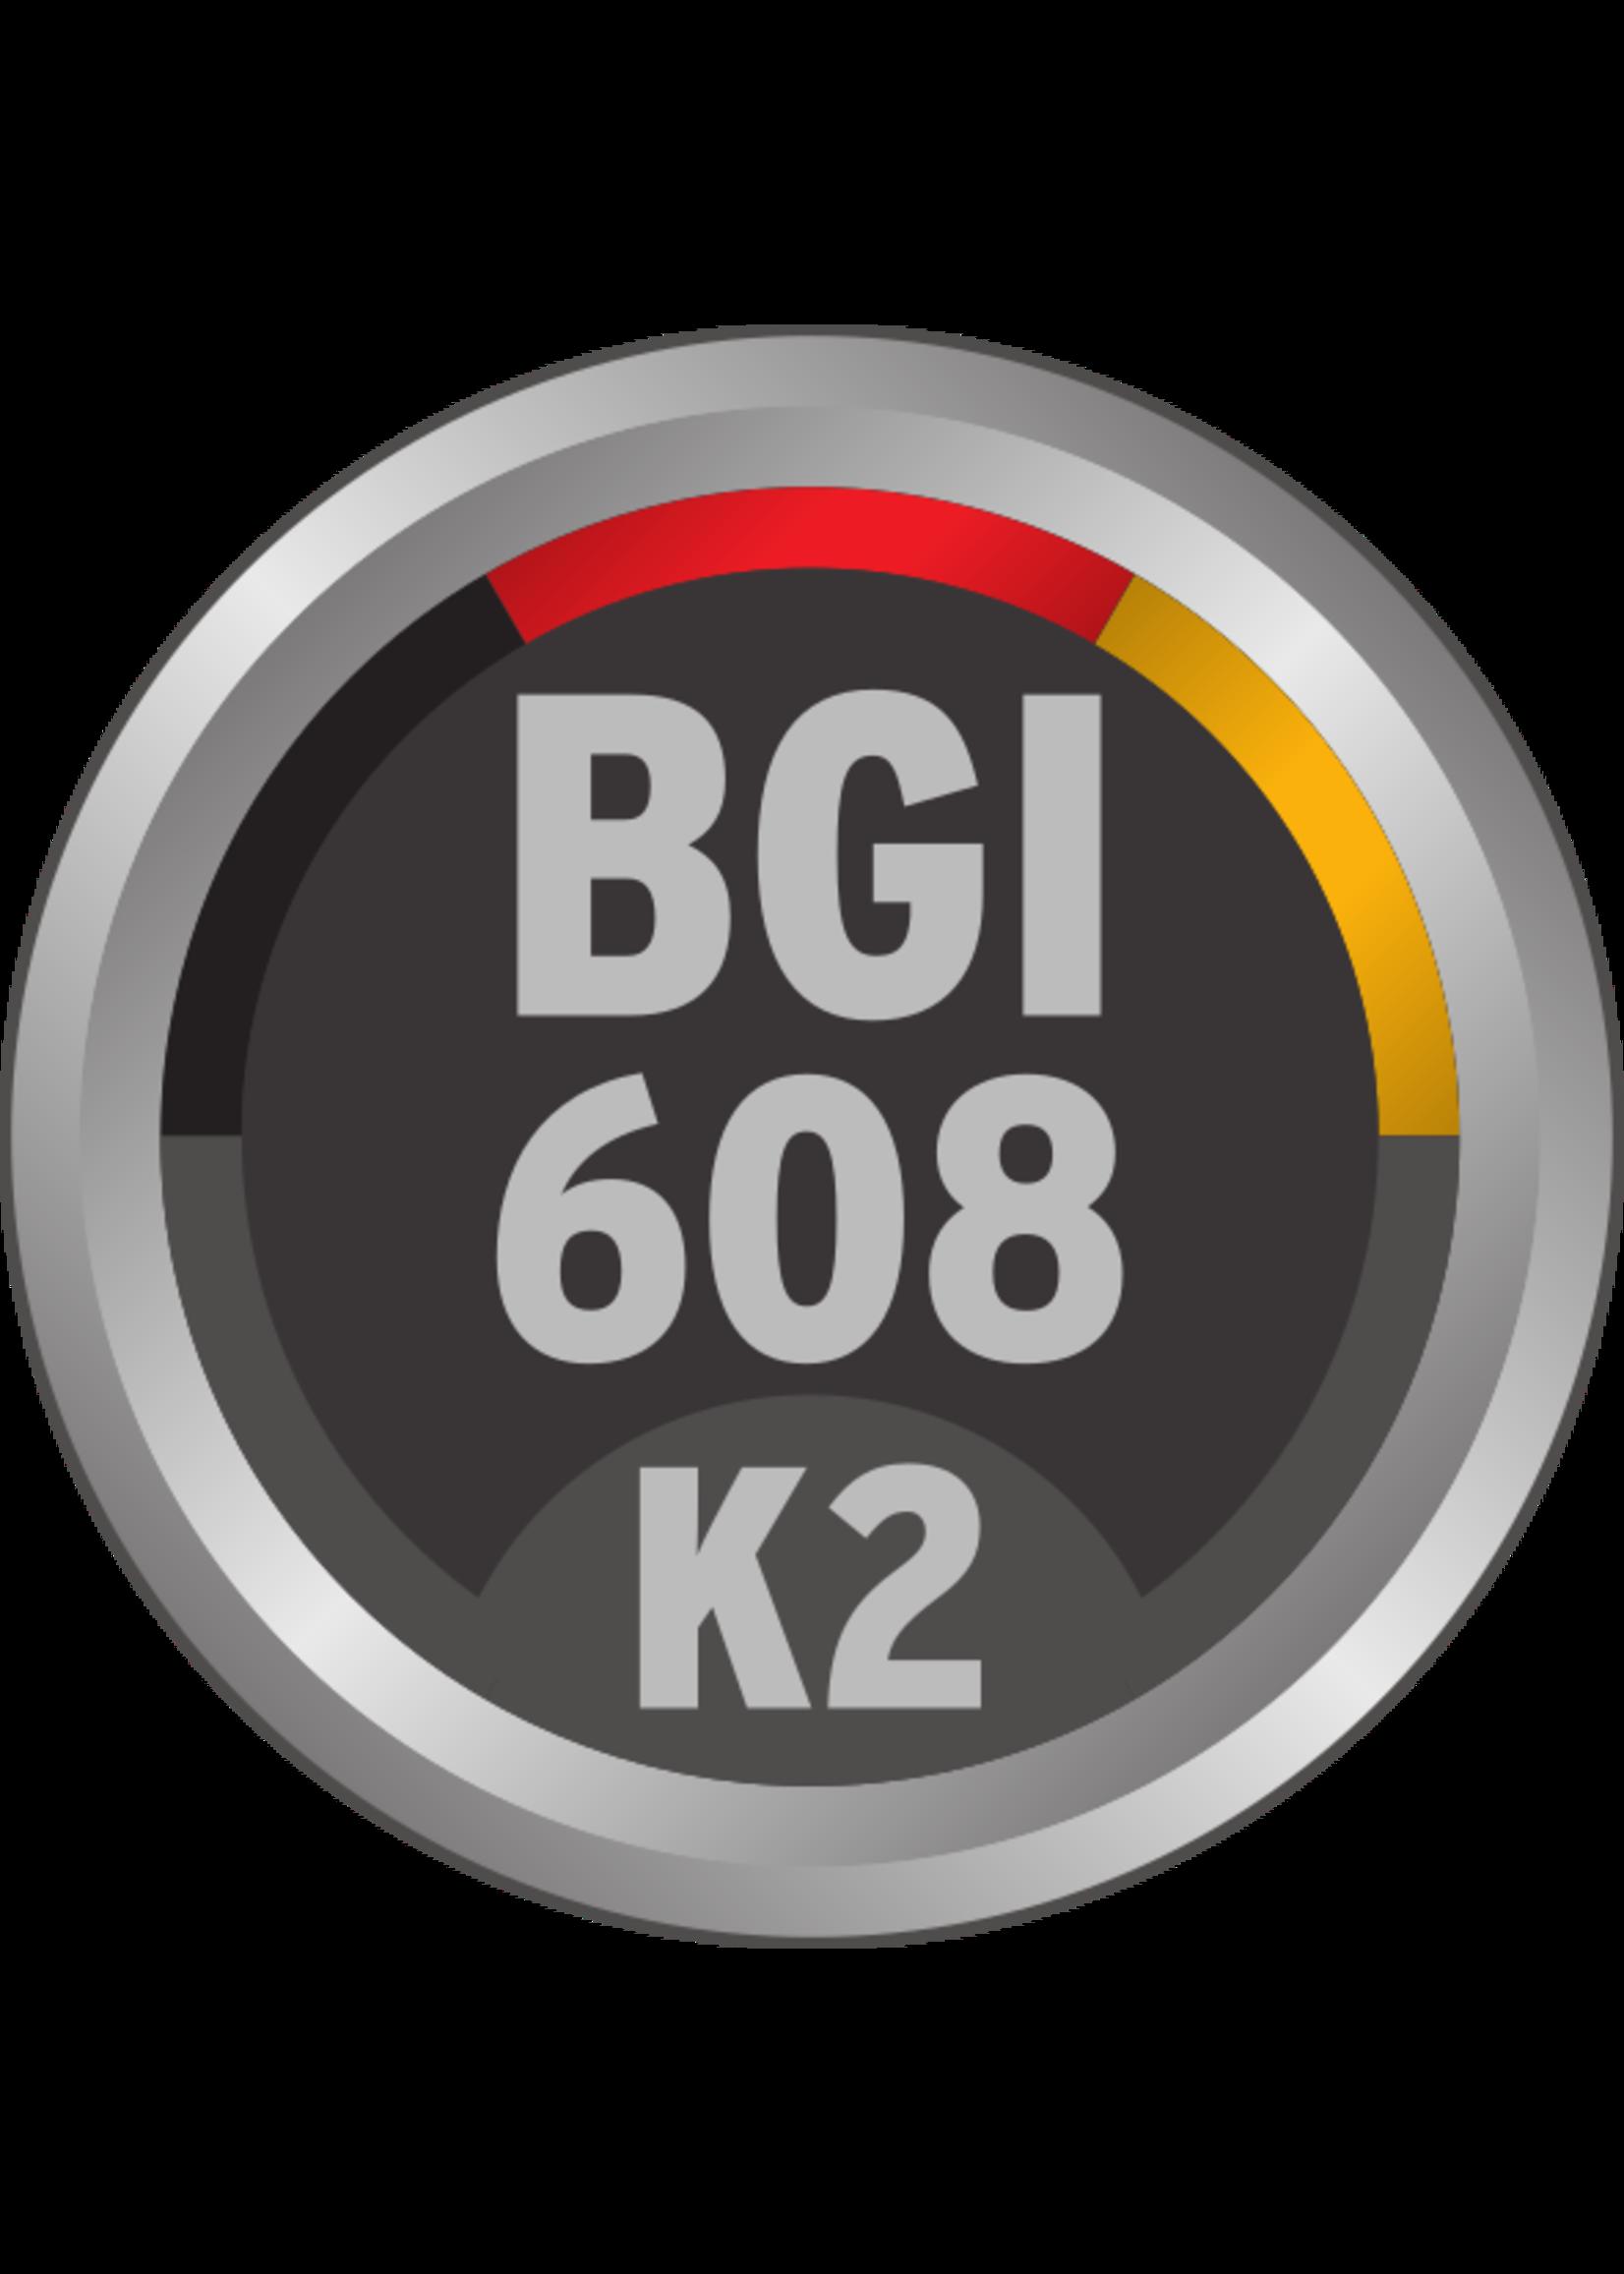 Brennenstuhl Brennenstuhl 1318940 Brobusta IP44 kabelhaspel - H07RN-F 3G2.5 - 40m